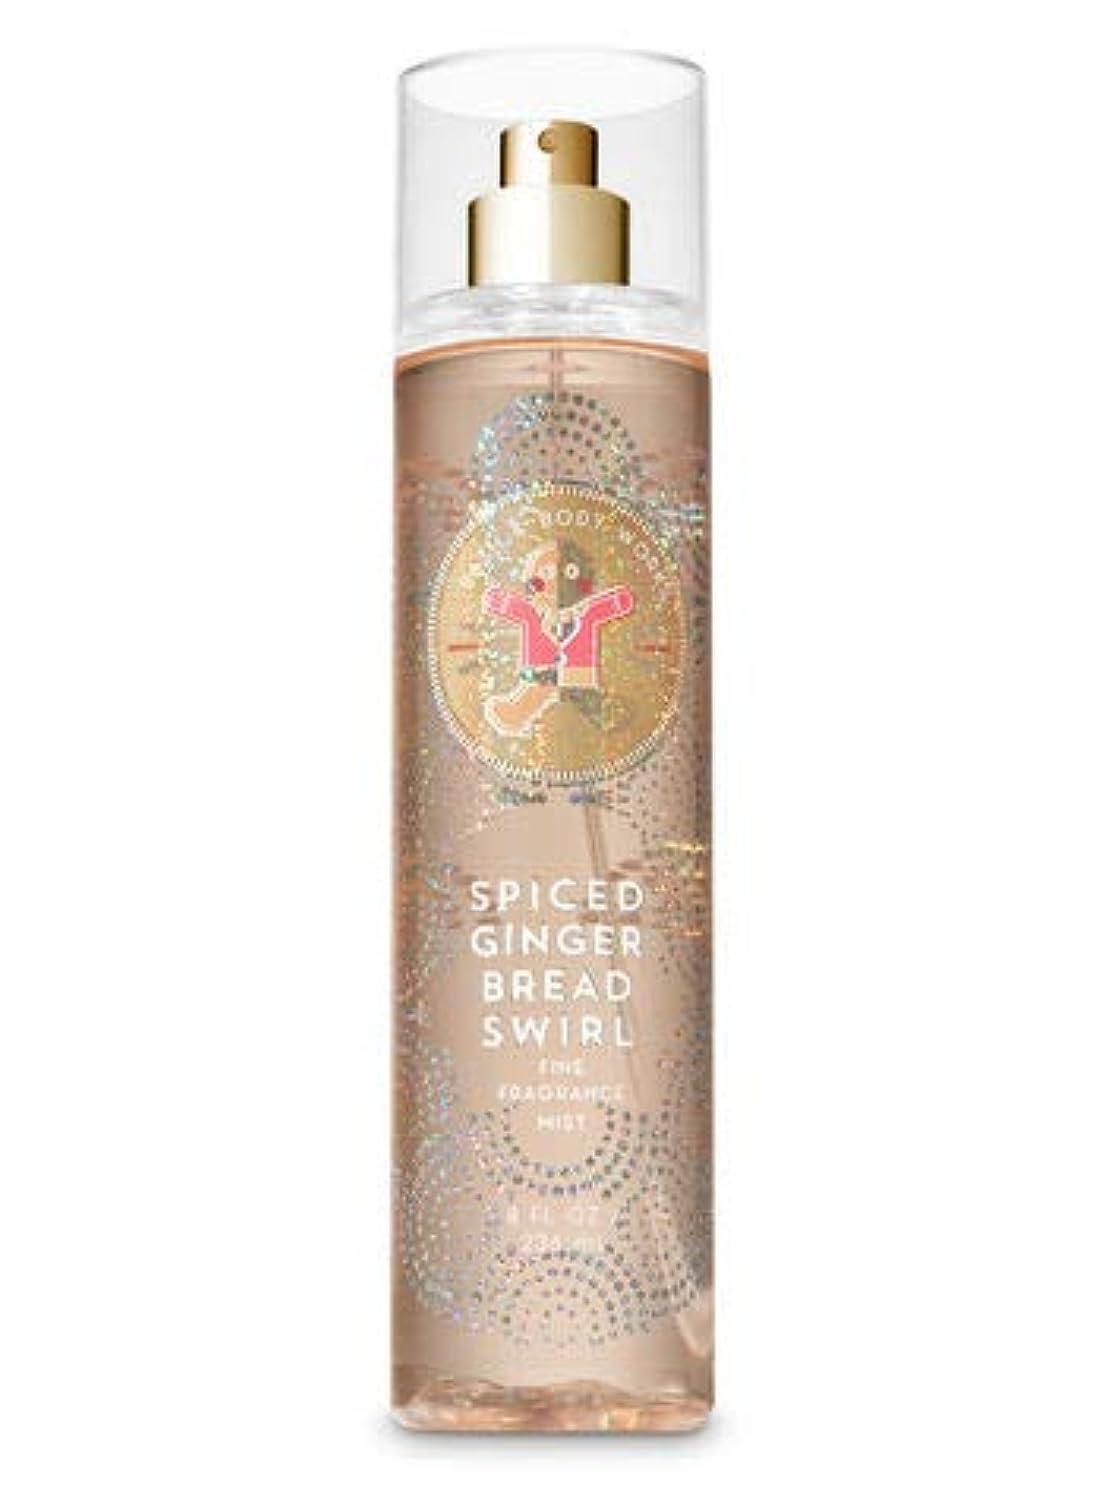 より多い叫び声メディア【Bath&Body Works/バス&ボディワークス】 ファインフレグランスミスト スパイスジンジャーブレッドスワール Fine Fragrance Mist Spiced Gingerbread Swirl 8oz (236ml) [並行輸入品]